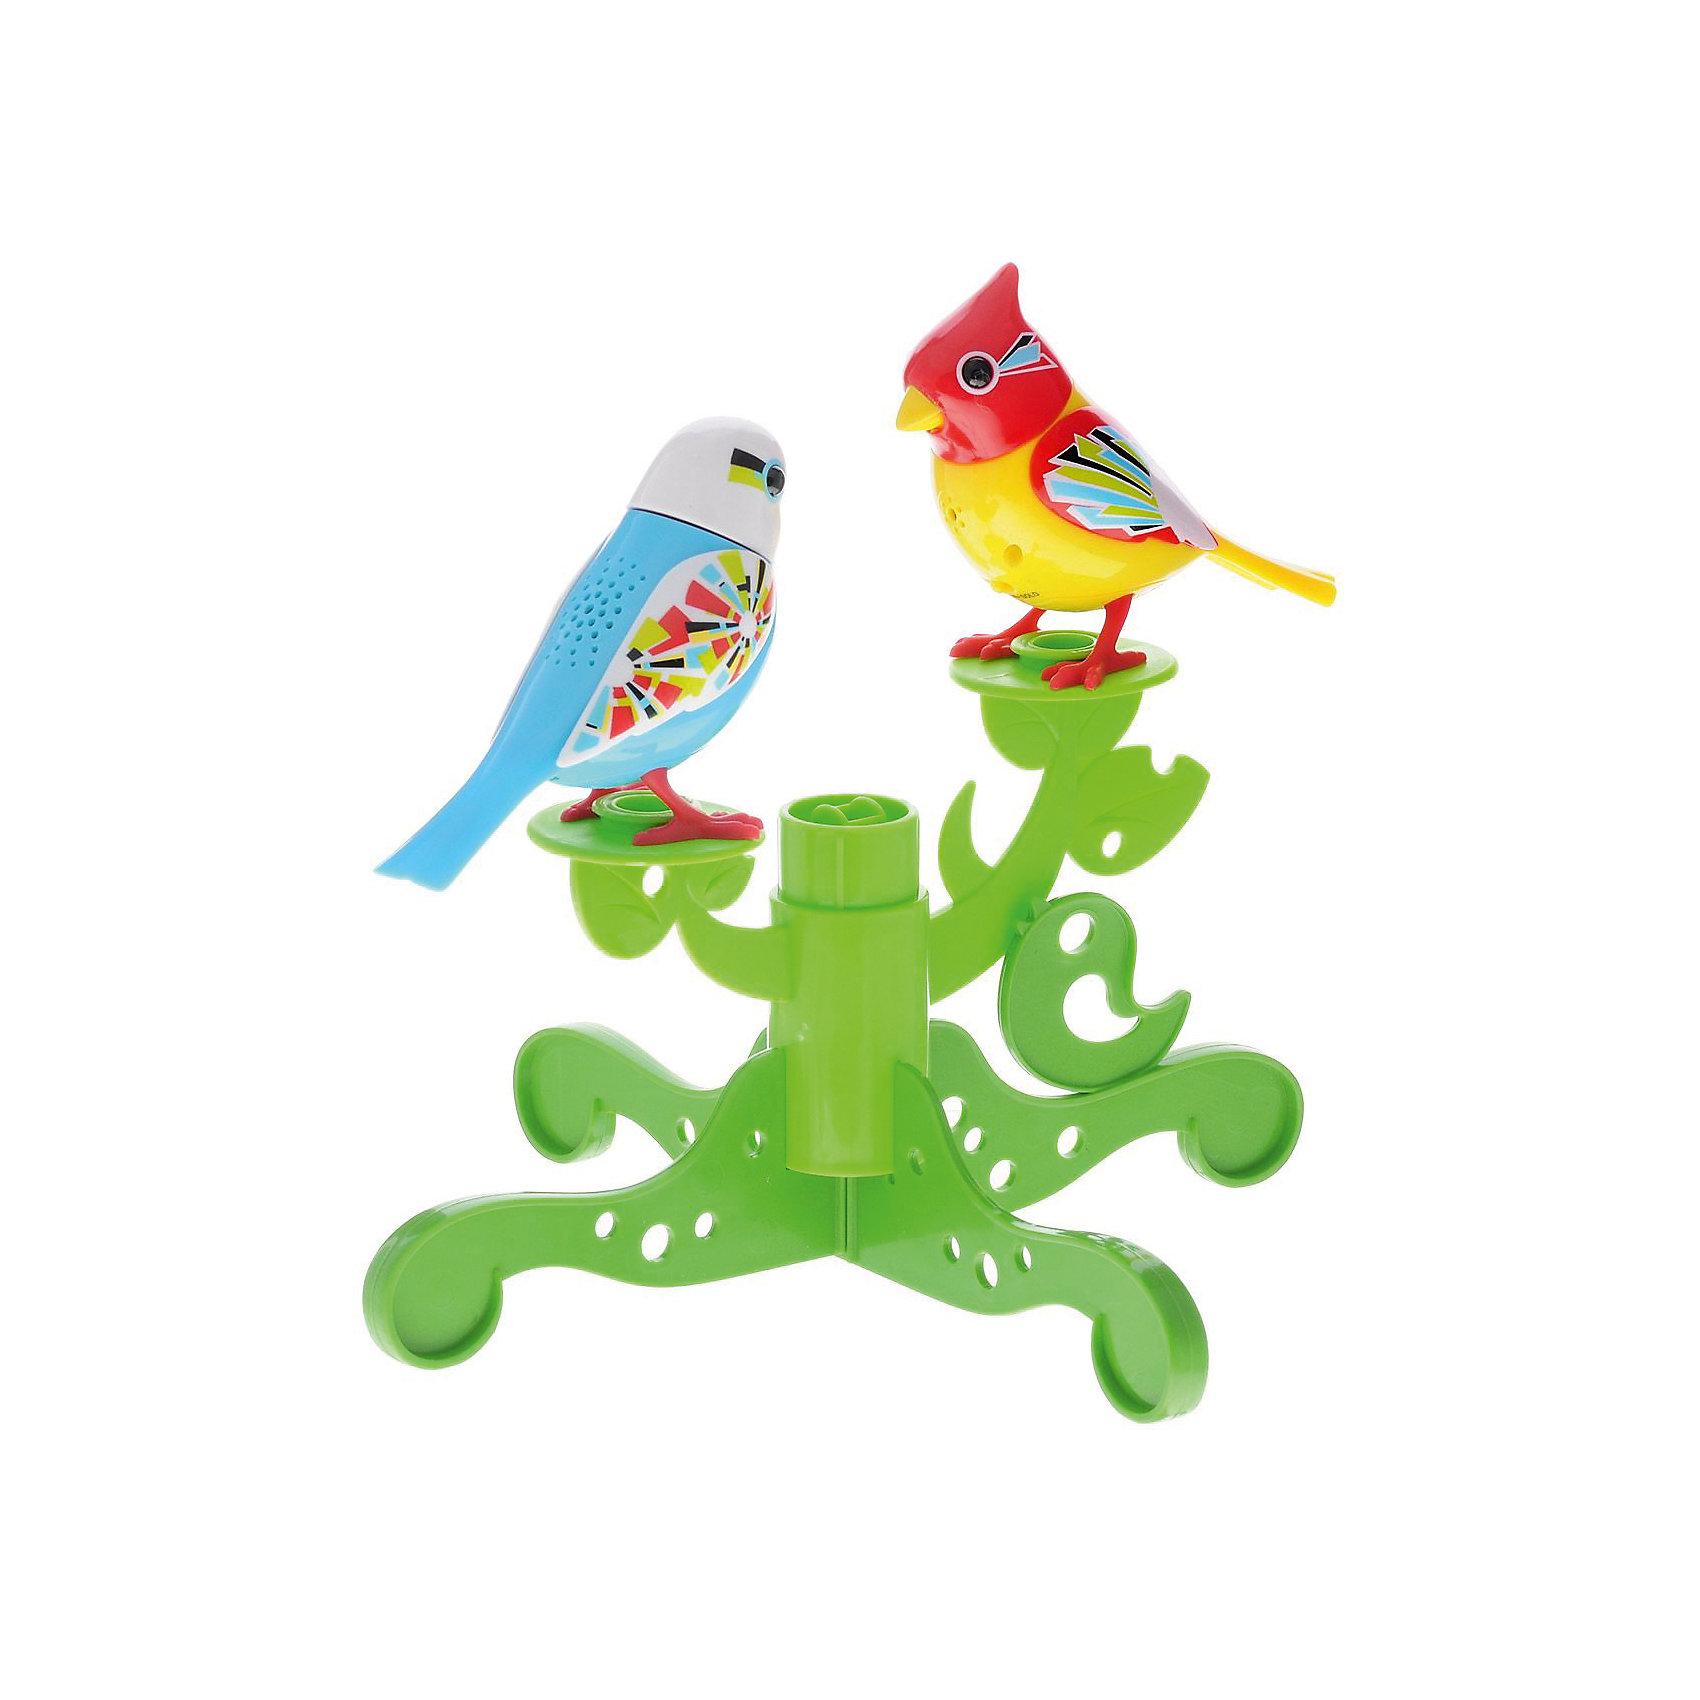 Две птички с деревом, DigiBirdsИнтерактивные животные<br>Две птички с деревом, желтые, DigiBirds, Silverlit (Сильверлит) ? интерактивный комплект от мирового производителя детских товаров Silverlit (Сильверлит). Птички располагаются на ветвят деревьев. Их творческий репертуар состоит из 55 песенок, которые исполняются как в сольном виде, так и в хоровом, они не только поют заученные песенки, но и способны разучивать новые. Птички выполнены из высокопрочного пластика ярких расцветок. Активируется птички тремя способами: достаточно подуть или посвистеть в свисток, который идет в комплекте, или резко взмахнуть по воздуху, держа птичек в руках. <br>Две птички с деревом, желтые, DigiBirds, Silverlit (Сильверлит)  ? совершенно уникальная игрушка, которая не только развлекает вашего ребенка, но и занимается его музыкальным развитием. В первую очередь, она способствует формированию музыкального слуха и памяти. Простые действия: подуть в свисток, подуть на сову ? простые, но очень эффективные упражнения, которые направлены на развитие речевого аппарата.<br>Две птички с деревом, желтые, DigiBirds, Silverlit (Сильверлит) ? это не только миниатюрный музыкальный центр для вашего ребенка, но и оригинальный предмет интерьера.<br><br>Дополнительная информация:<br><br>- Вид игр: сюжетно-ролевые игры <br>- Предназначение: для дома<br>- Дополнительные функции: синхронизация со всеми персонажами DigiFriends; совместимость с другими наборами птичек с деревом<br>- Батарейки: 3 шт. LR44<br>- Материал: высококачественный пластик<br>- Размер (ДхШхВ): 5,7*24,8*24,8 см<br>- Вес: 330 г<br>- Комплектация: 2 птички, свисток-кольцо, инструкция, подставка-дерево, батарейки<br>- Особенности ухода: протирать влажной губкой<br><br>ВНИМАНИЕ! Данный артикул имеется в наличии в разных цветовых исполнениях (зеленый, желтый). К сожалению, заранее выбрать определенный цвет невозможно. <br><br>Подробнее:<br><br>• Для детей в возрасте: от 3 лет и до 7 лет <br>• Страна производитель: Китай<br>• Торговый бренд